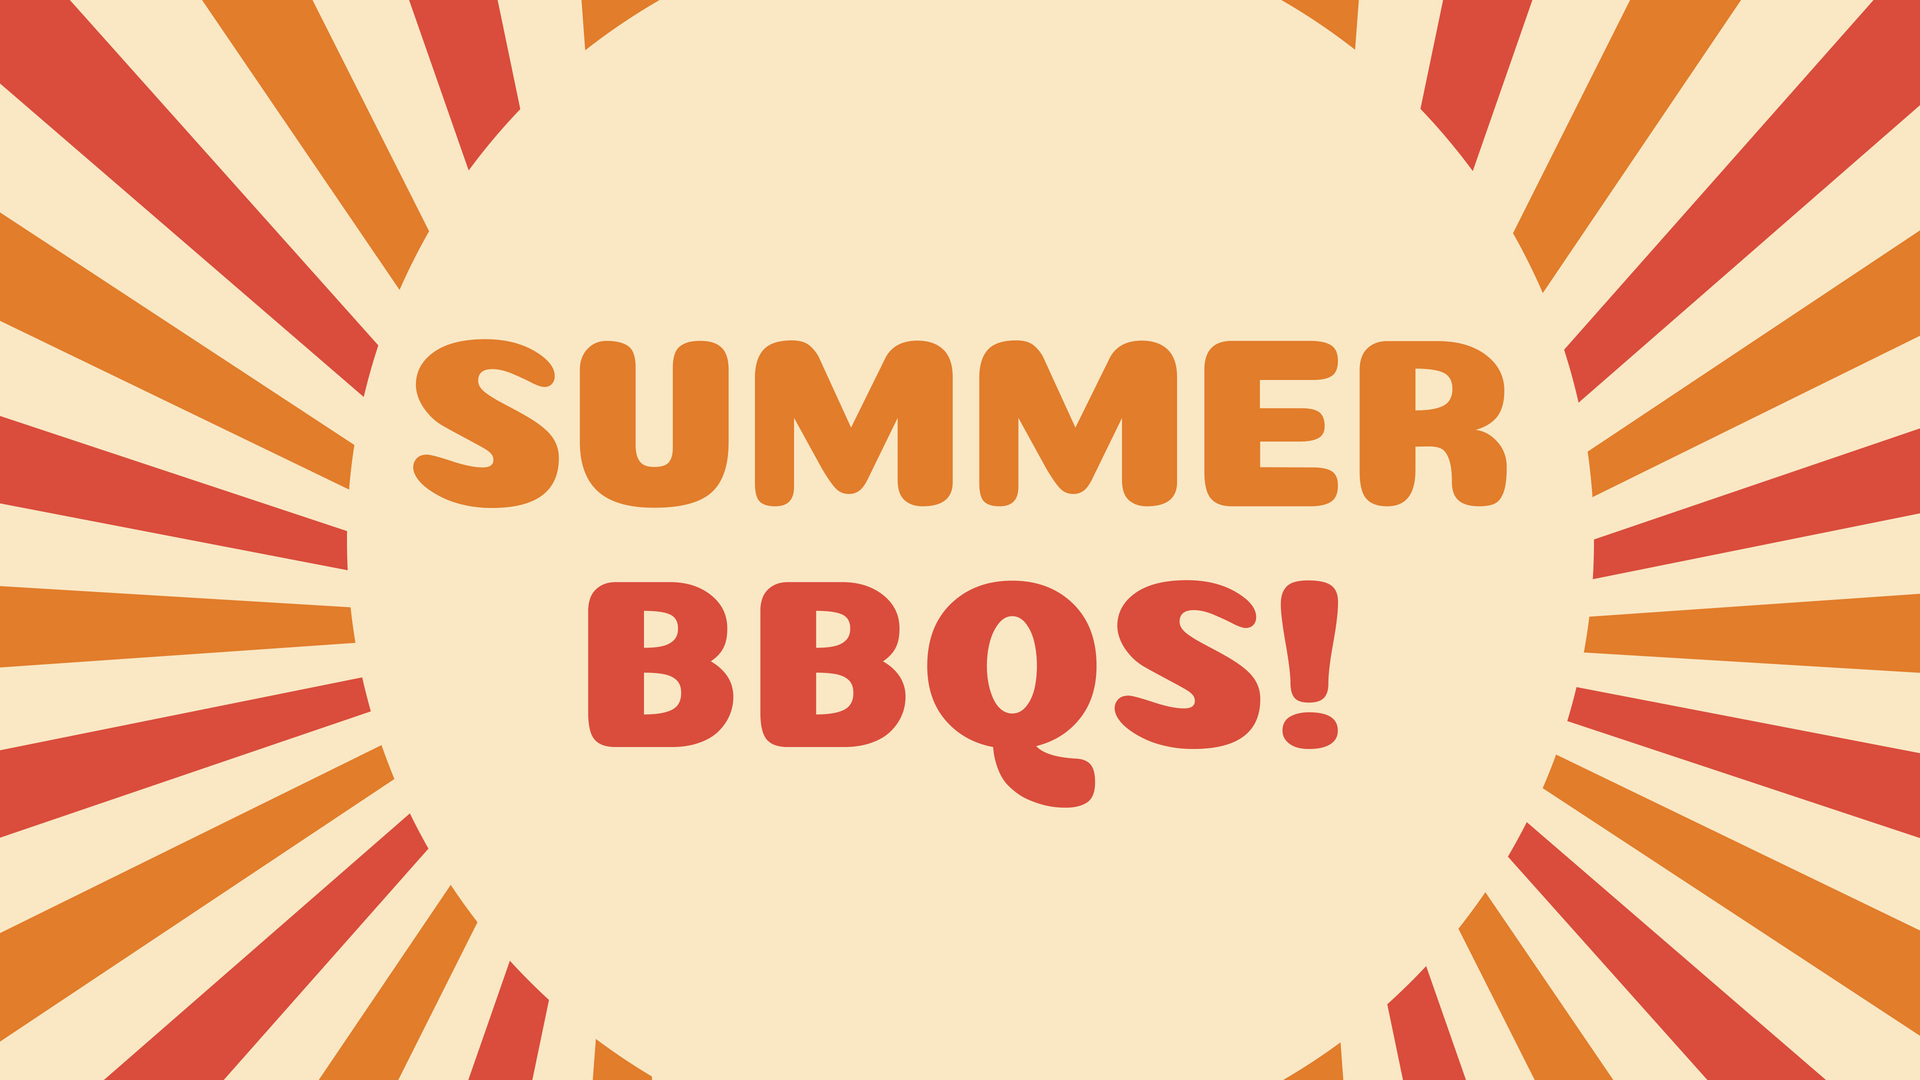 Summer bbqs  3